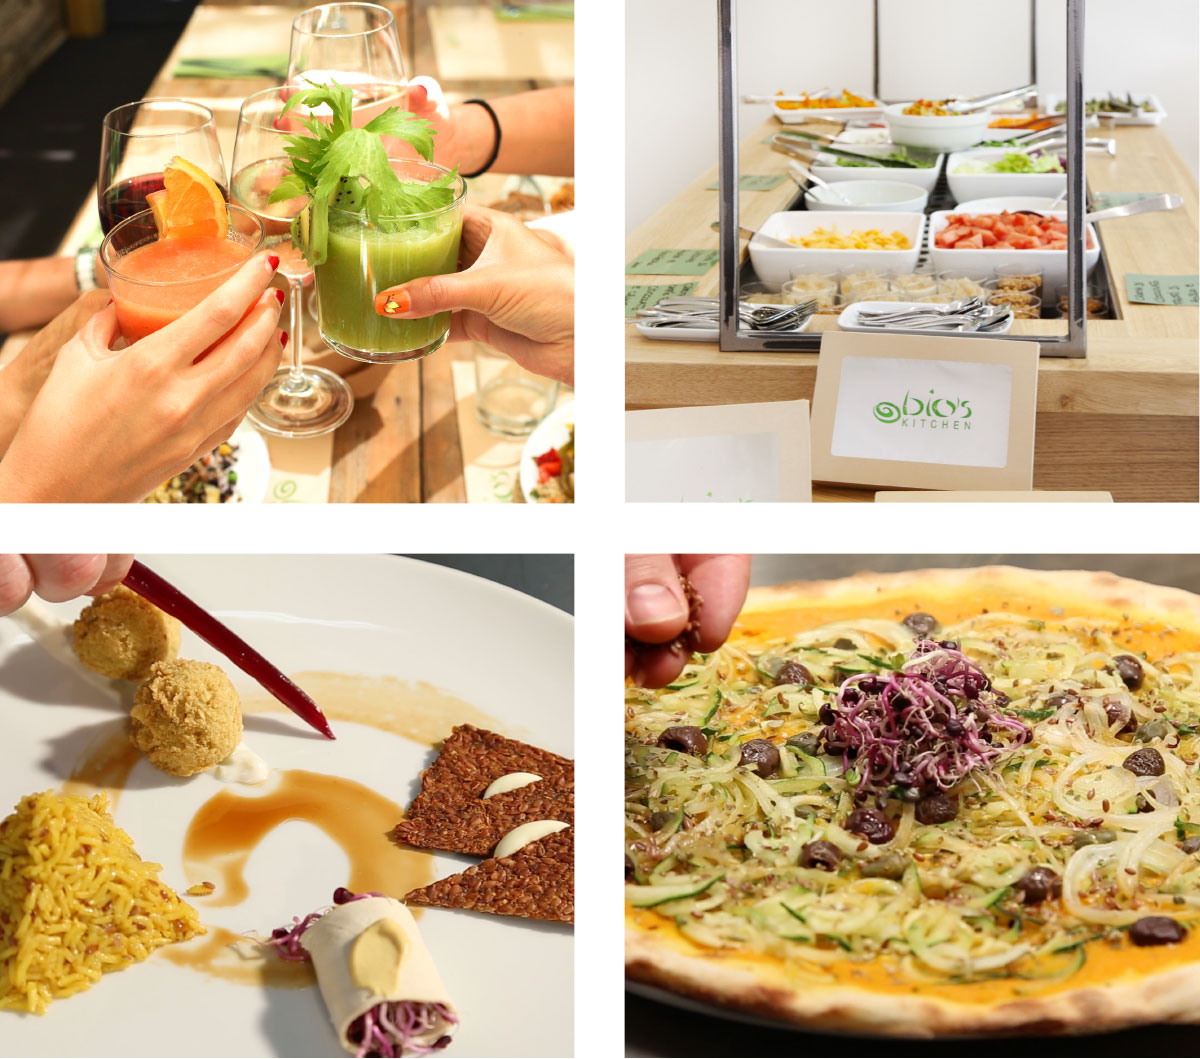 Bio's Kitchen - concezione di ristorazione 100% BIO